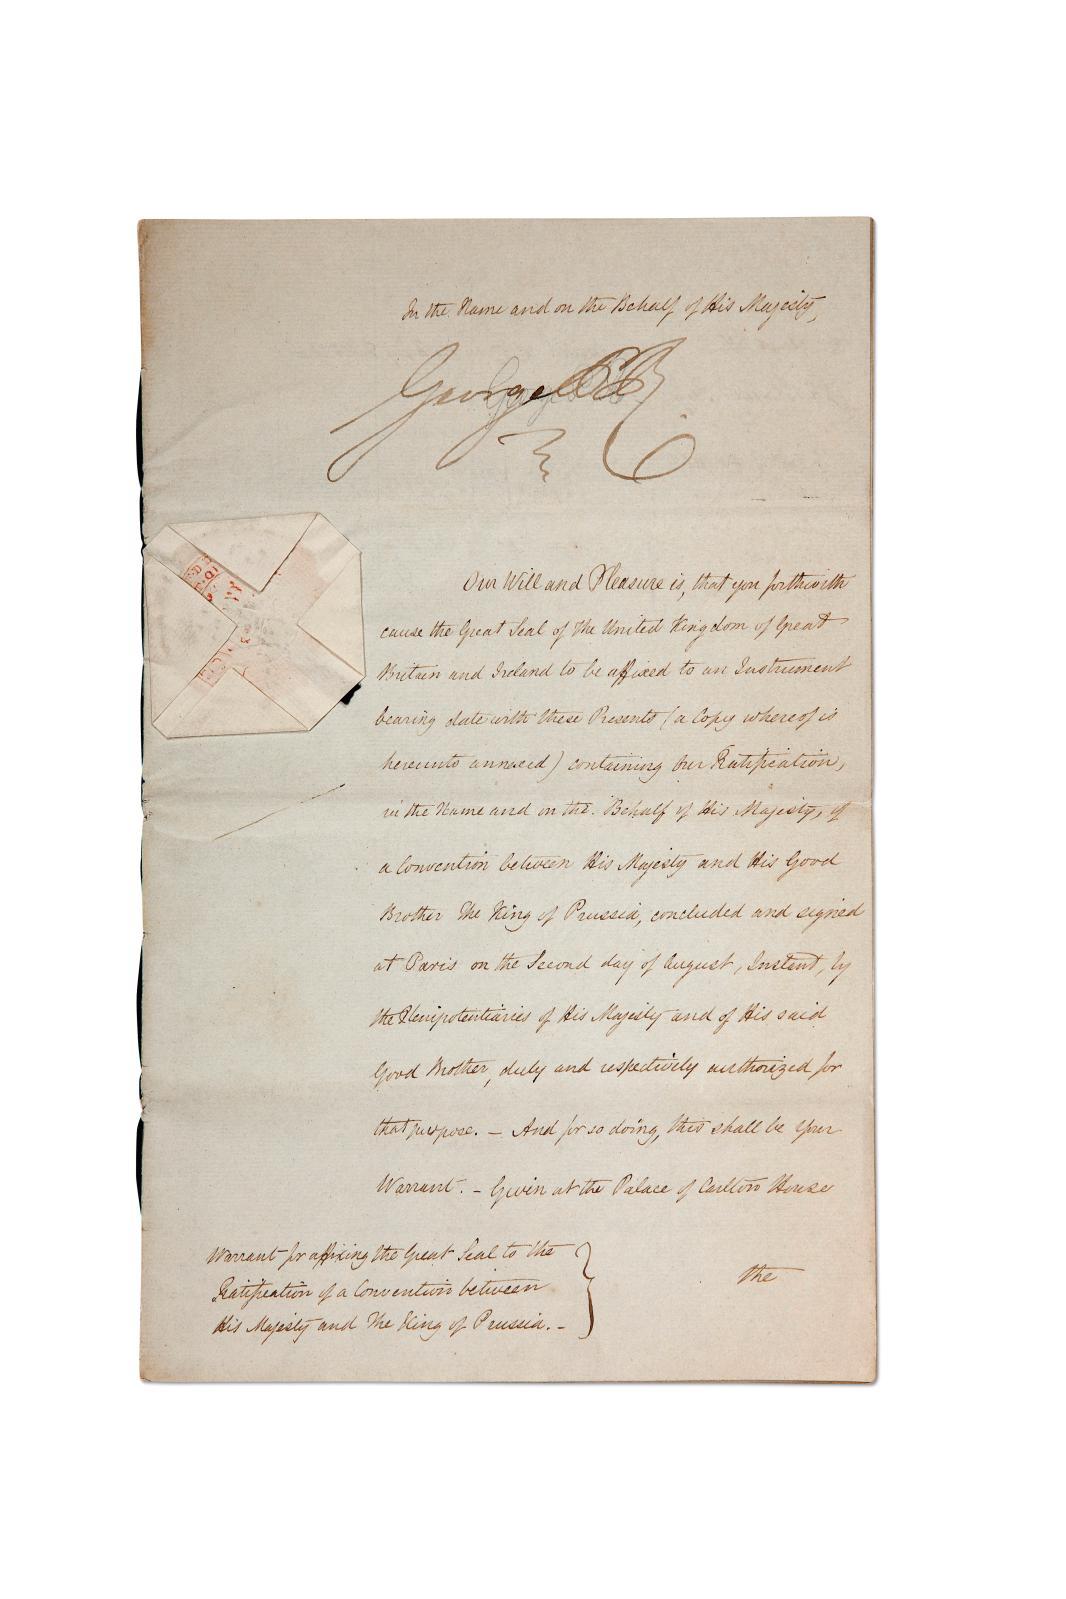 Le jeudi 19novembre dispersait des documents ayant trait aux grands personnages de l'histoire (M.Bodin, expert). Ce document du roi d'An